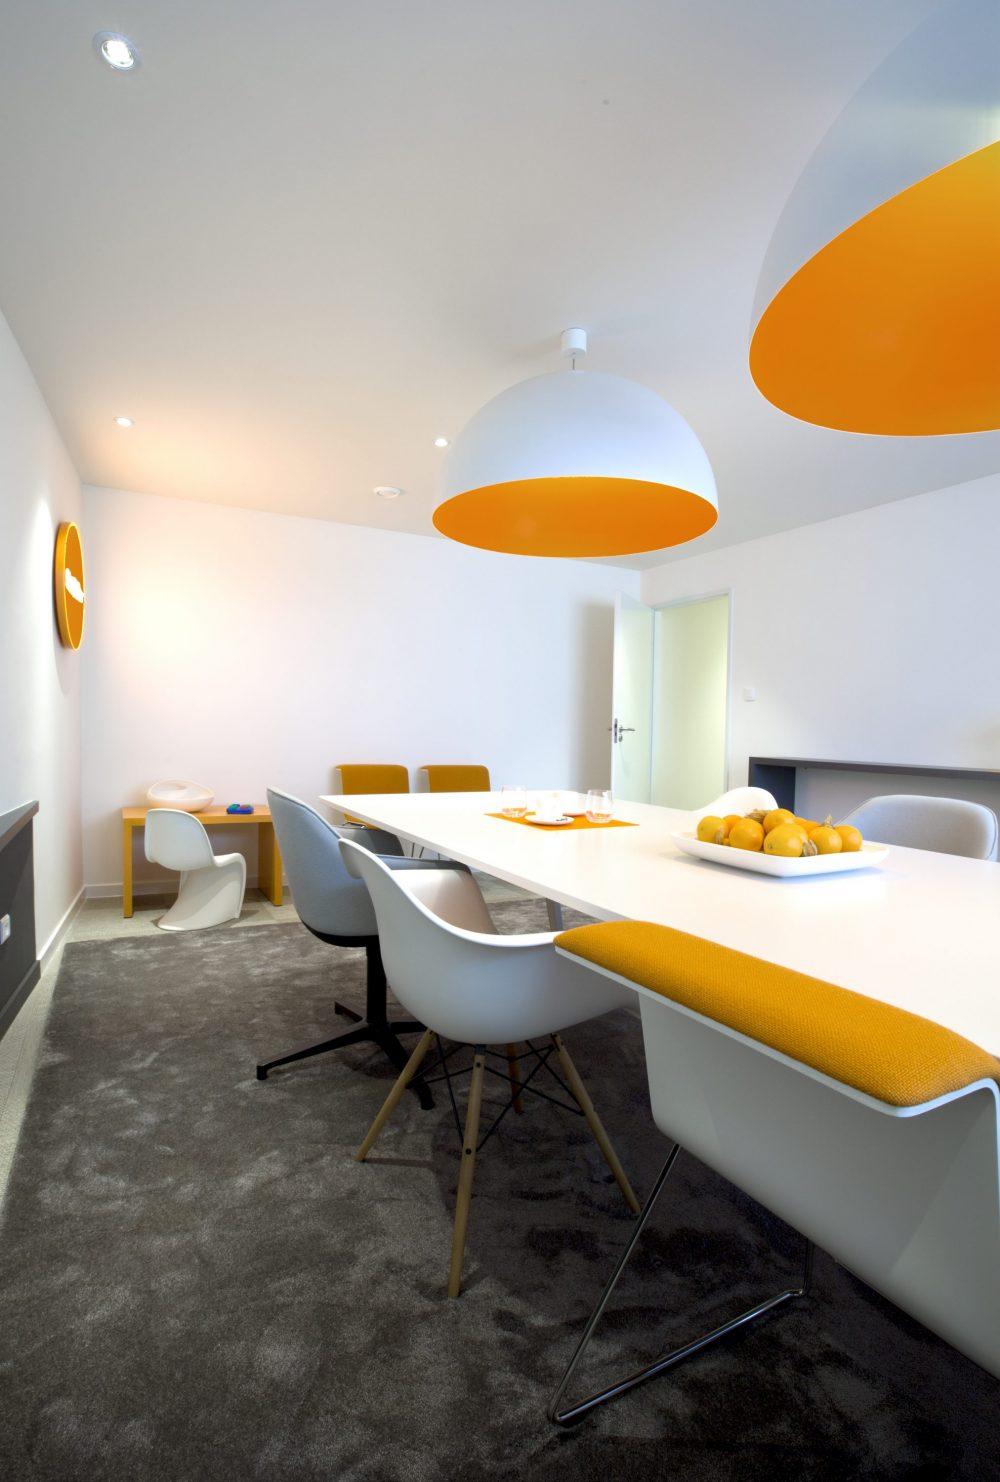 Finotheker ruimte in wit en oranje